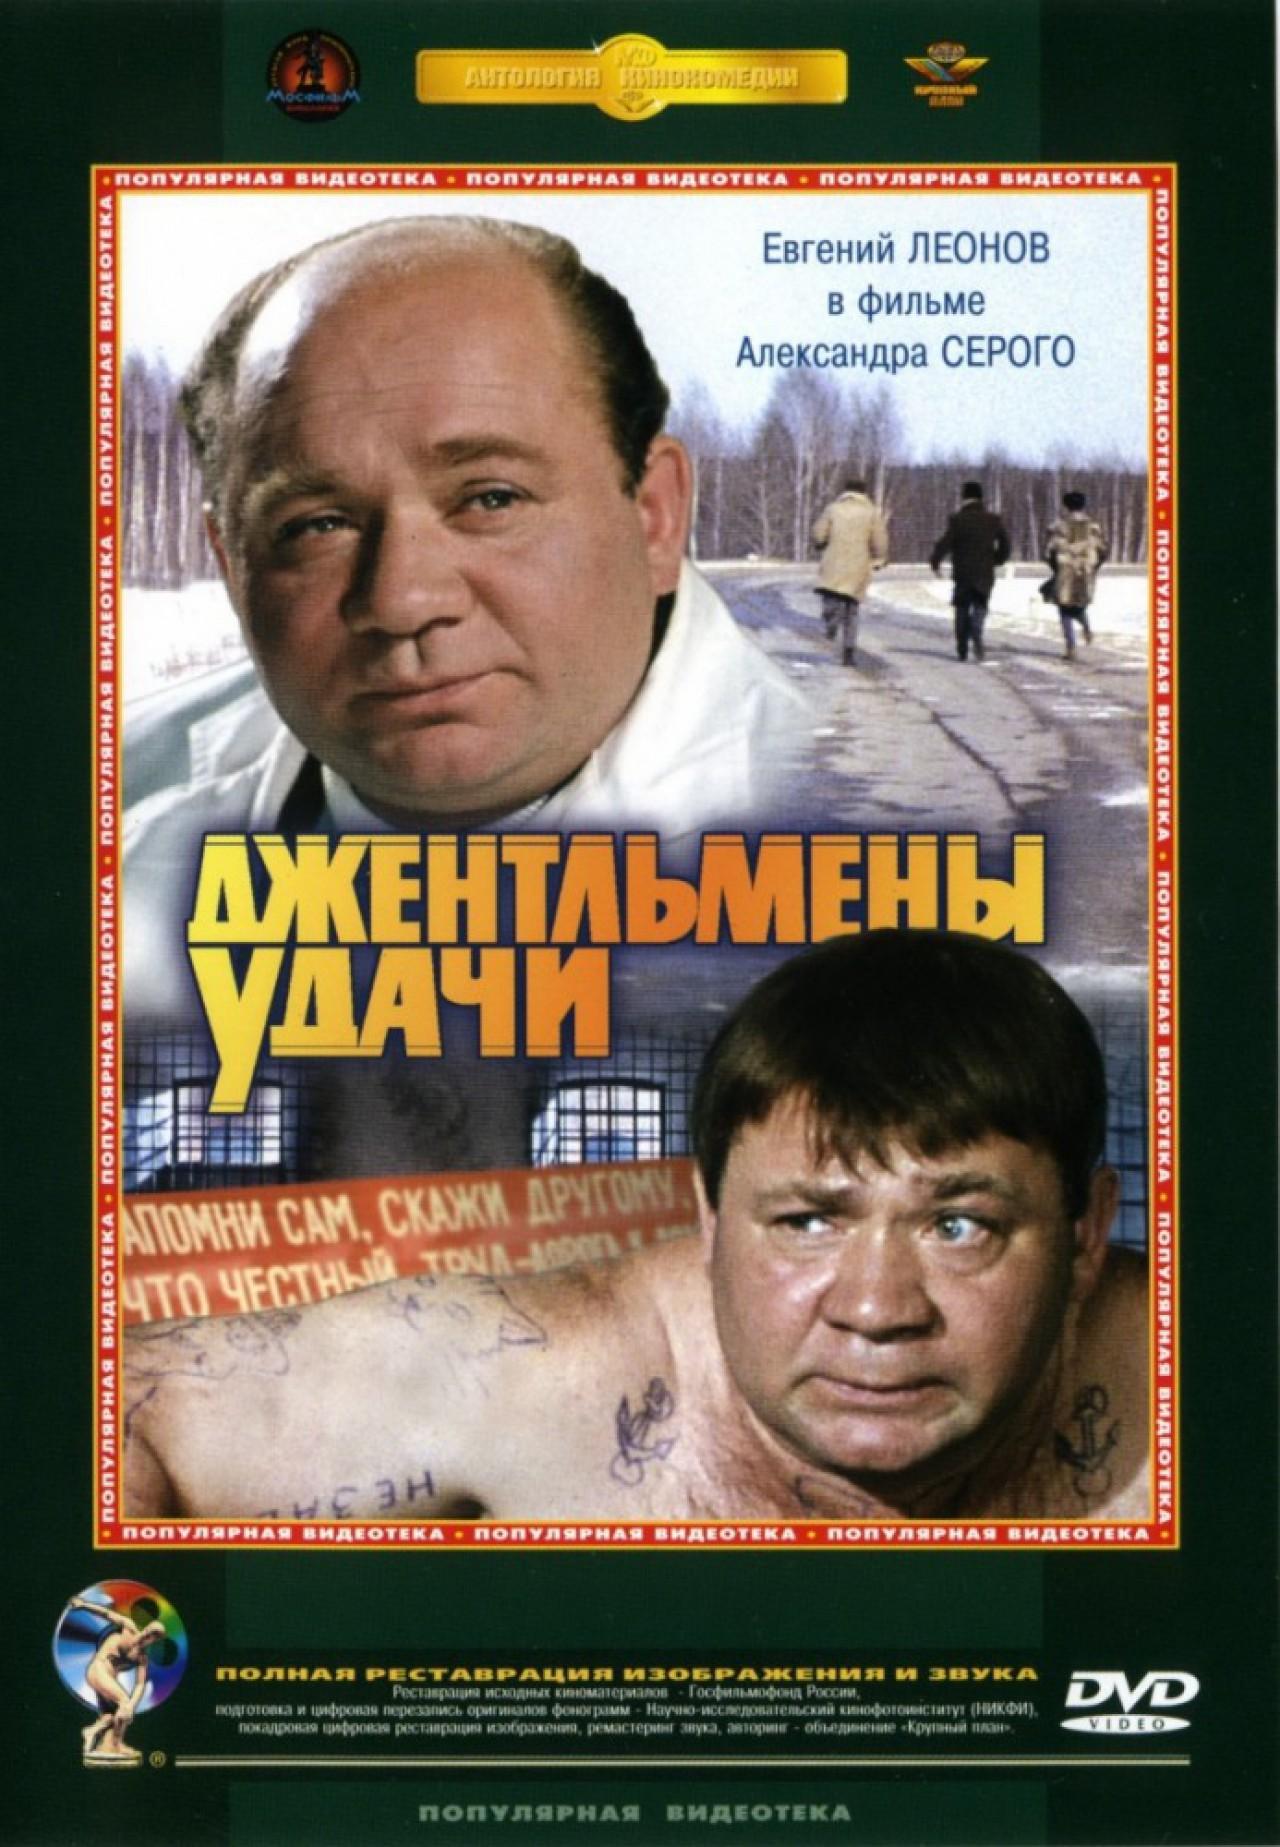 Джентльмены удачи на крымскотатарском языке (-0001)